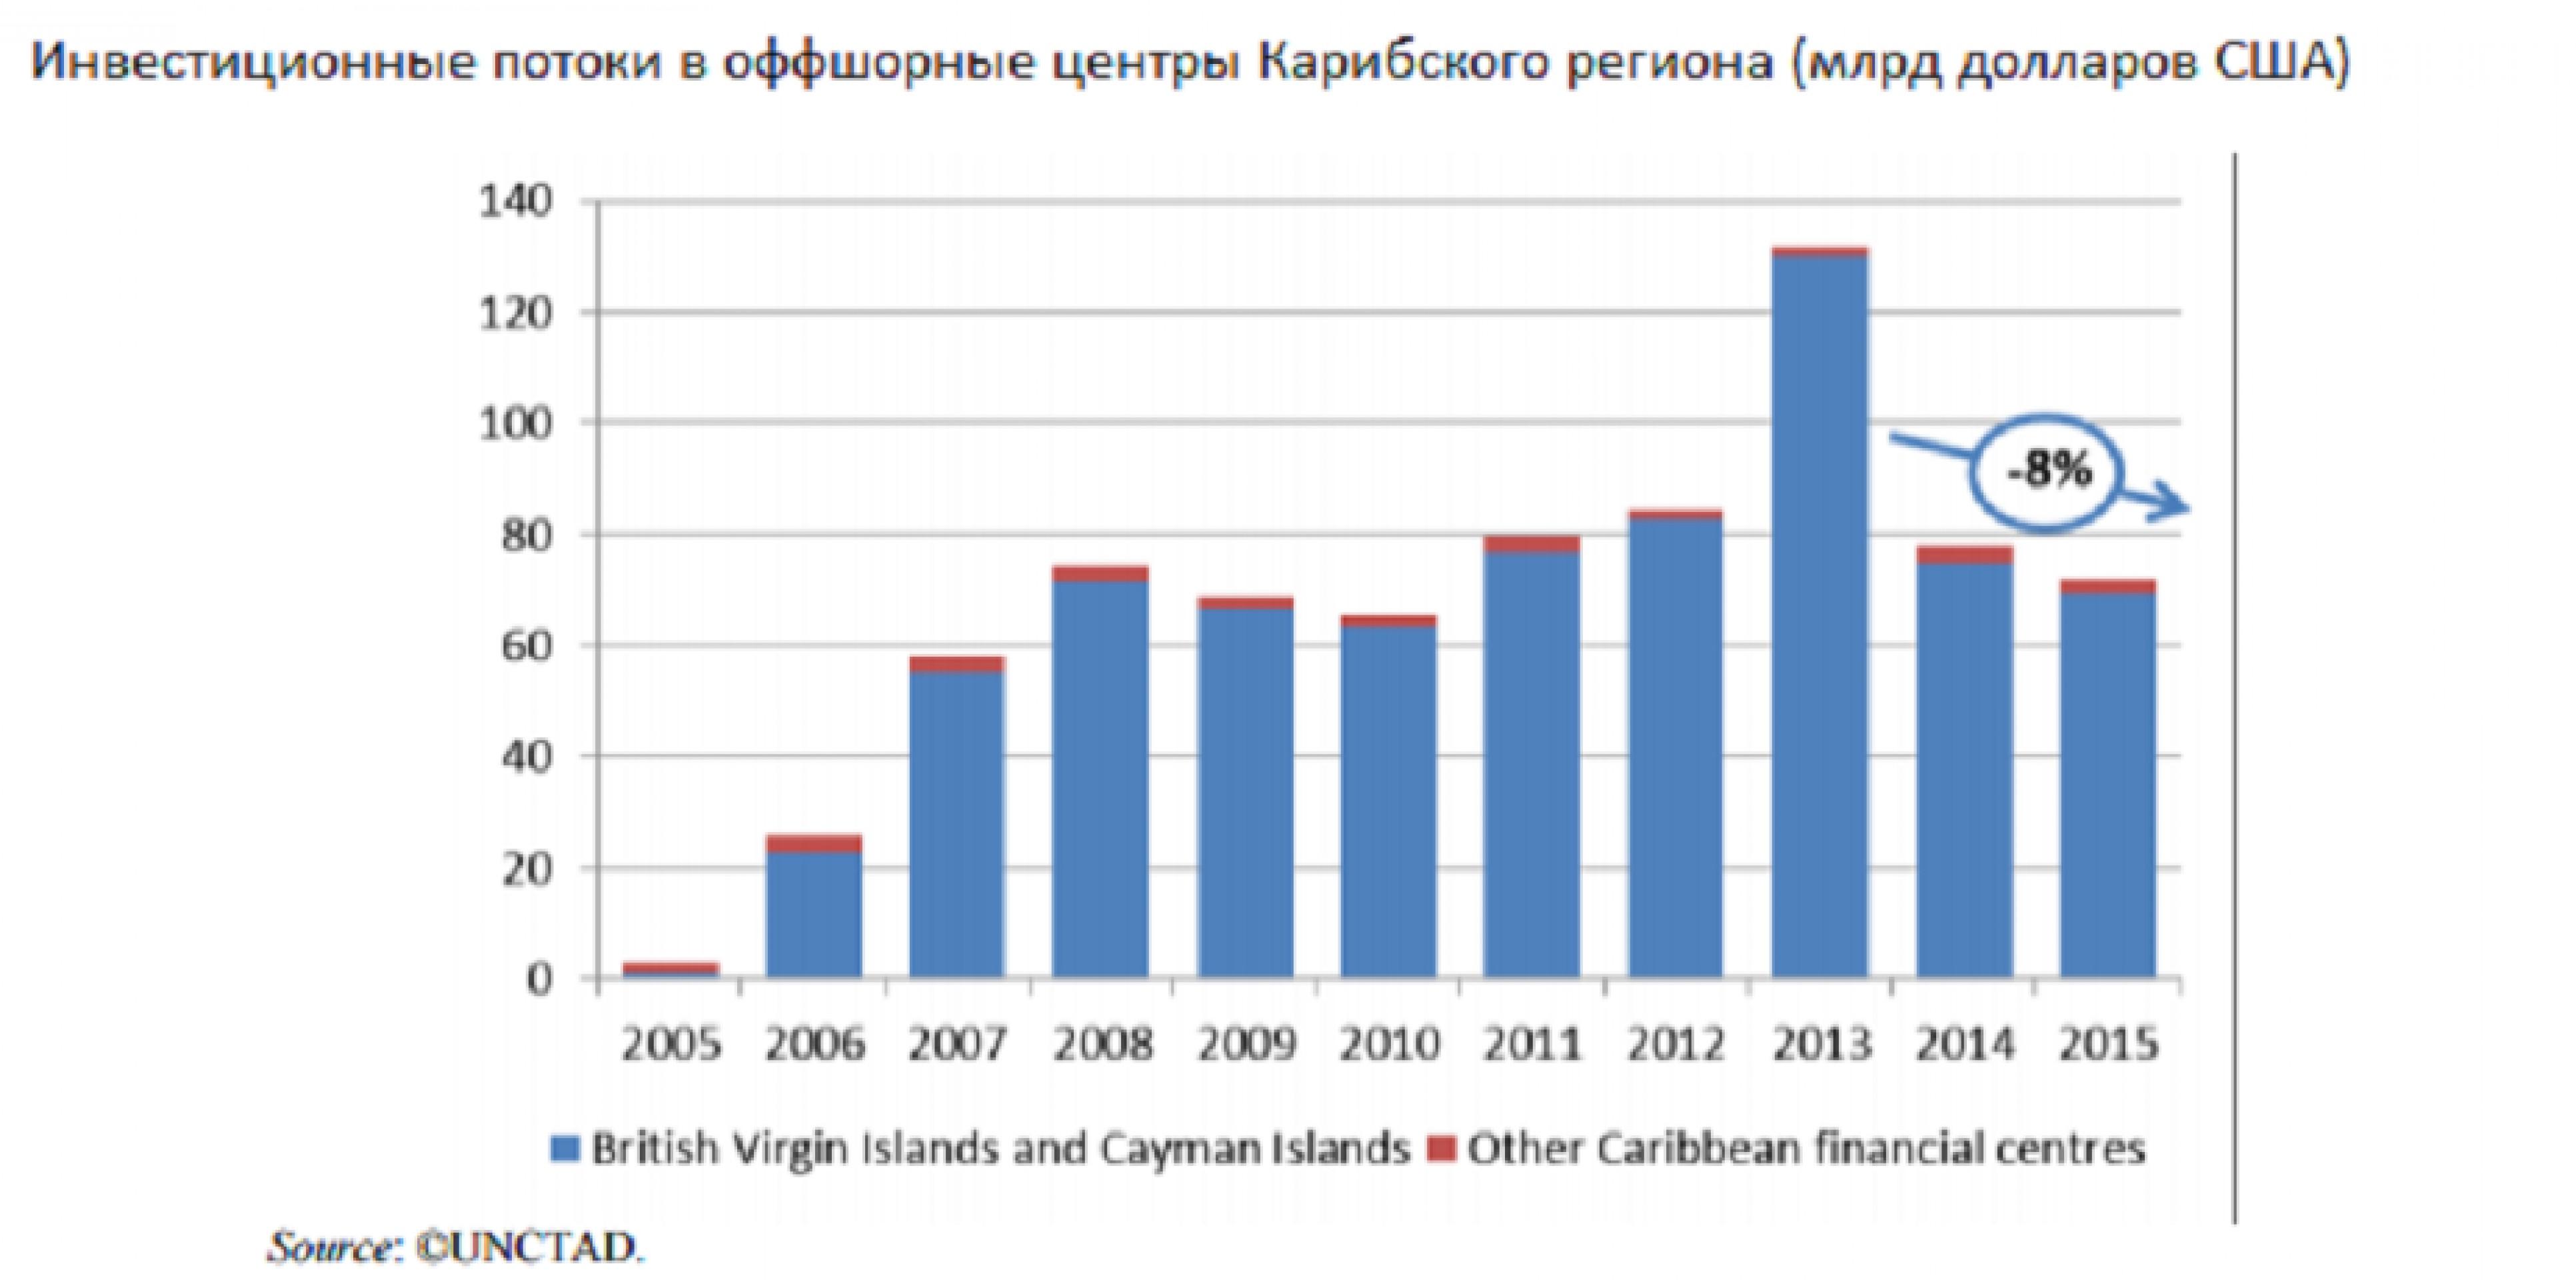 Россия вошла в топ-5 источников инвестиций в офшоры